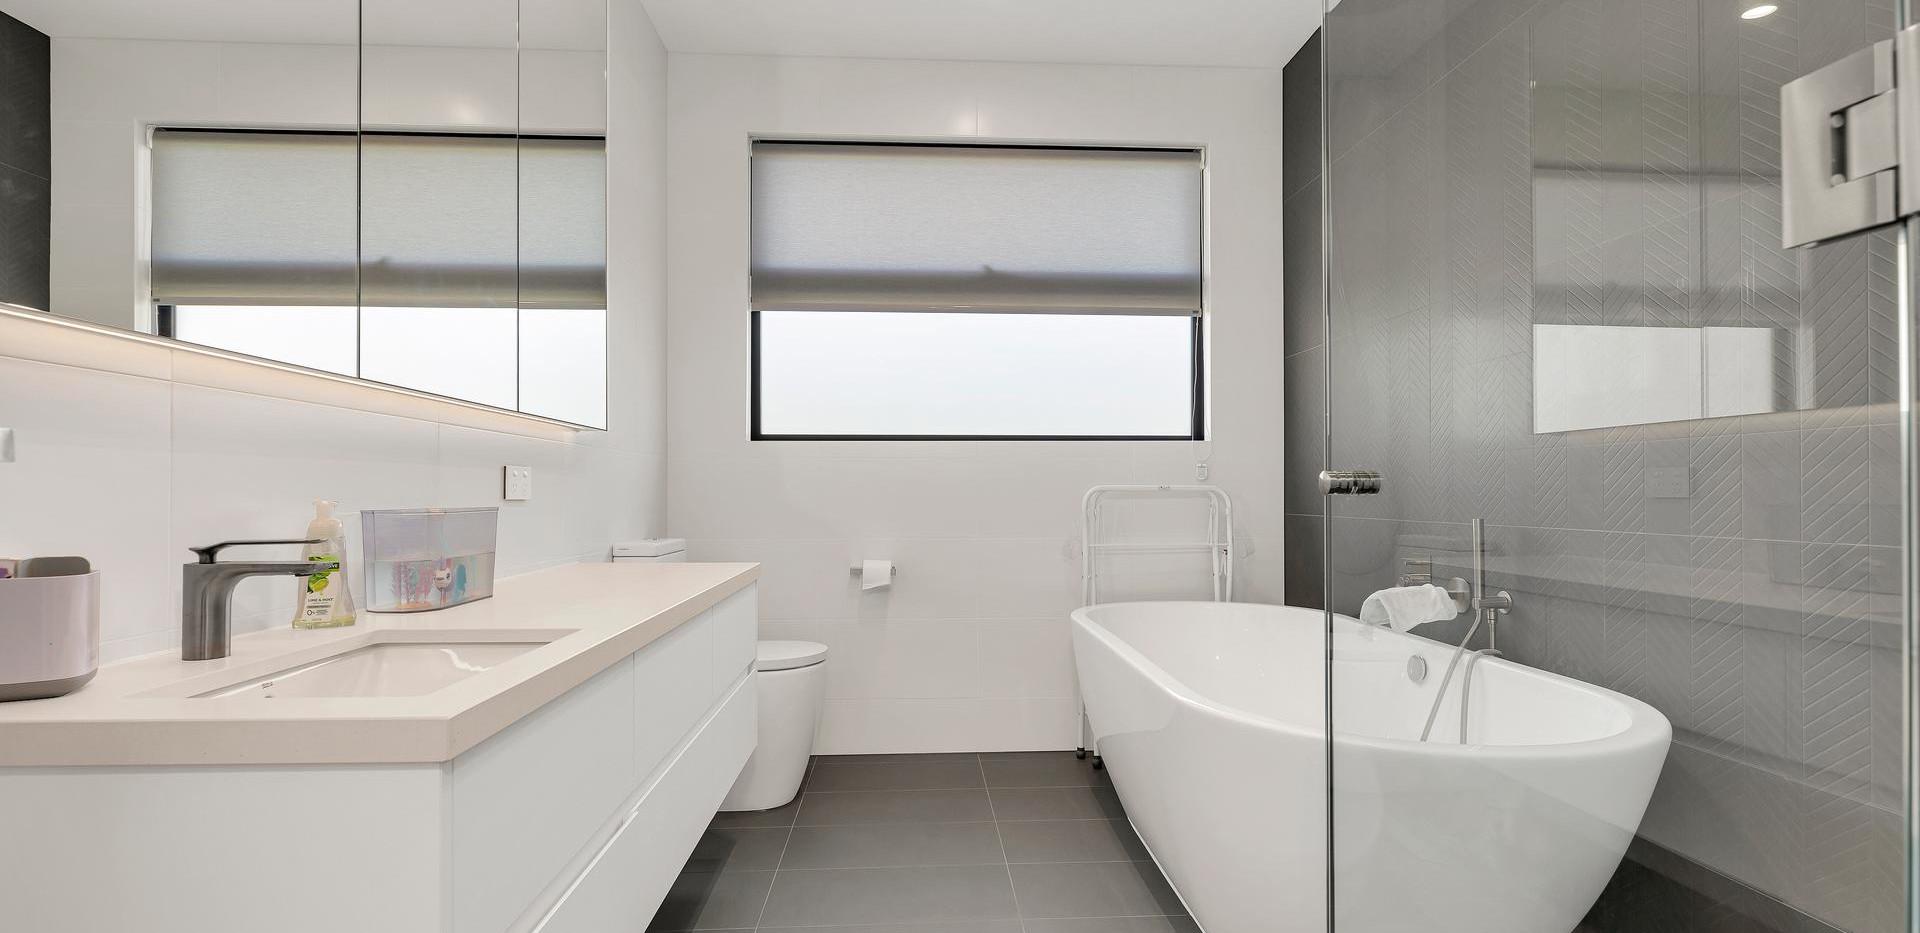 Sidwell Bathroom